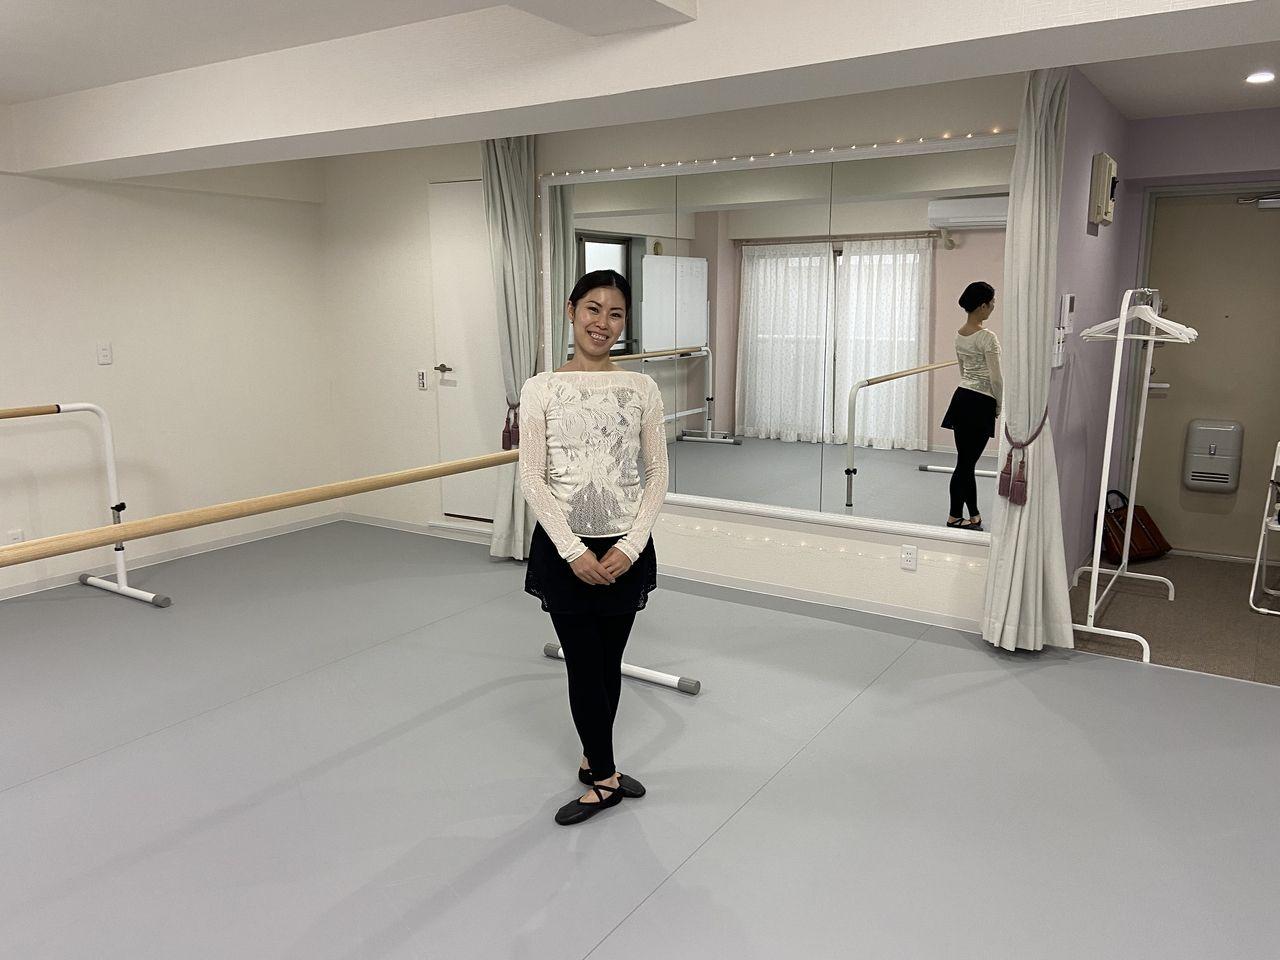 シルエット バレエ スタジオ/SILHOUETTE-STUDIO